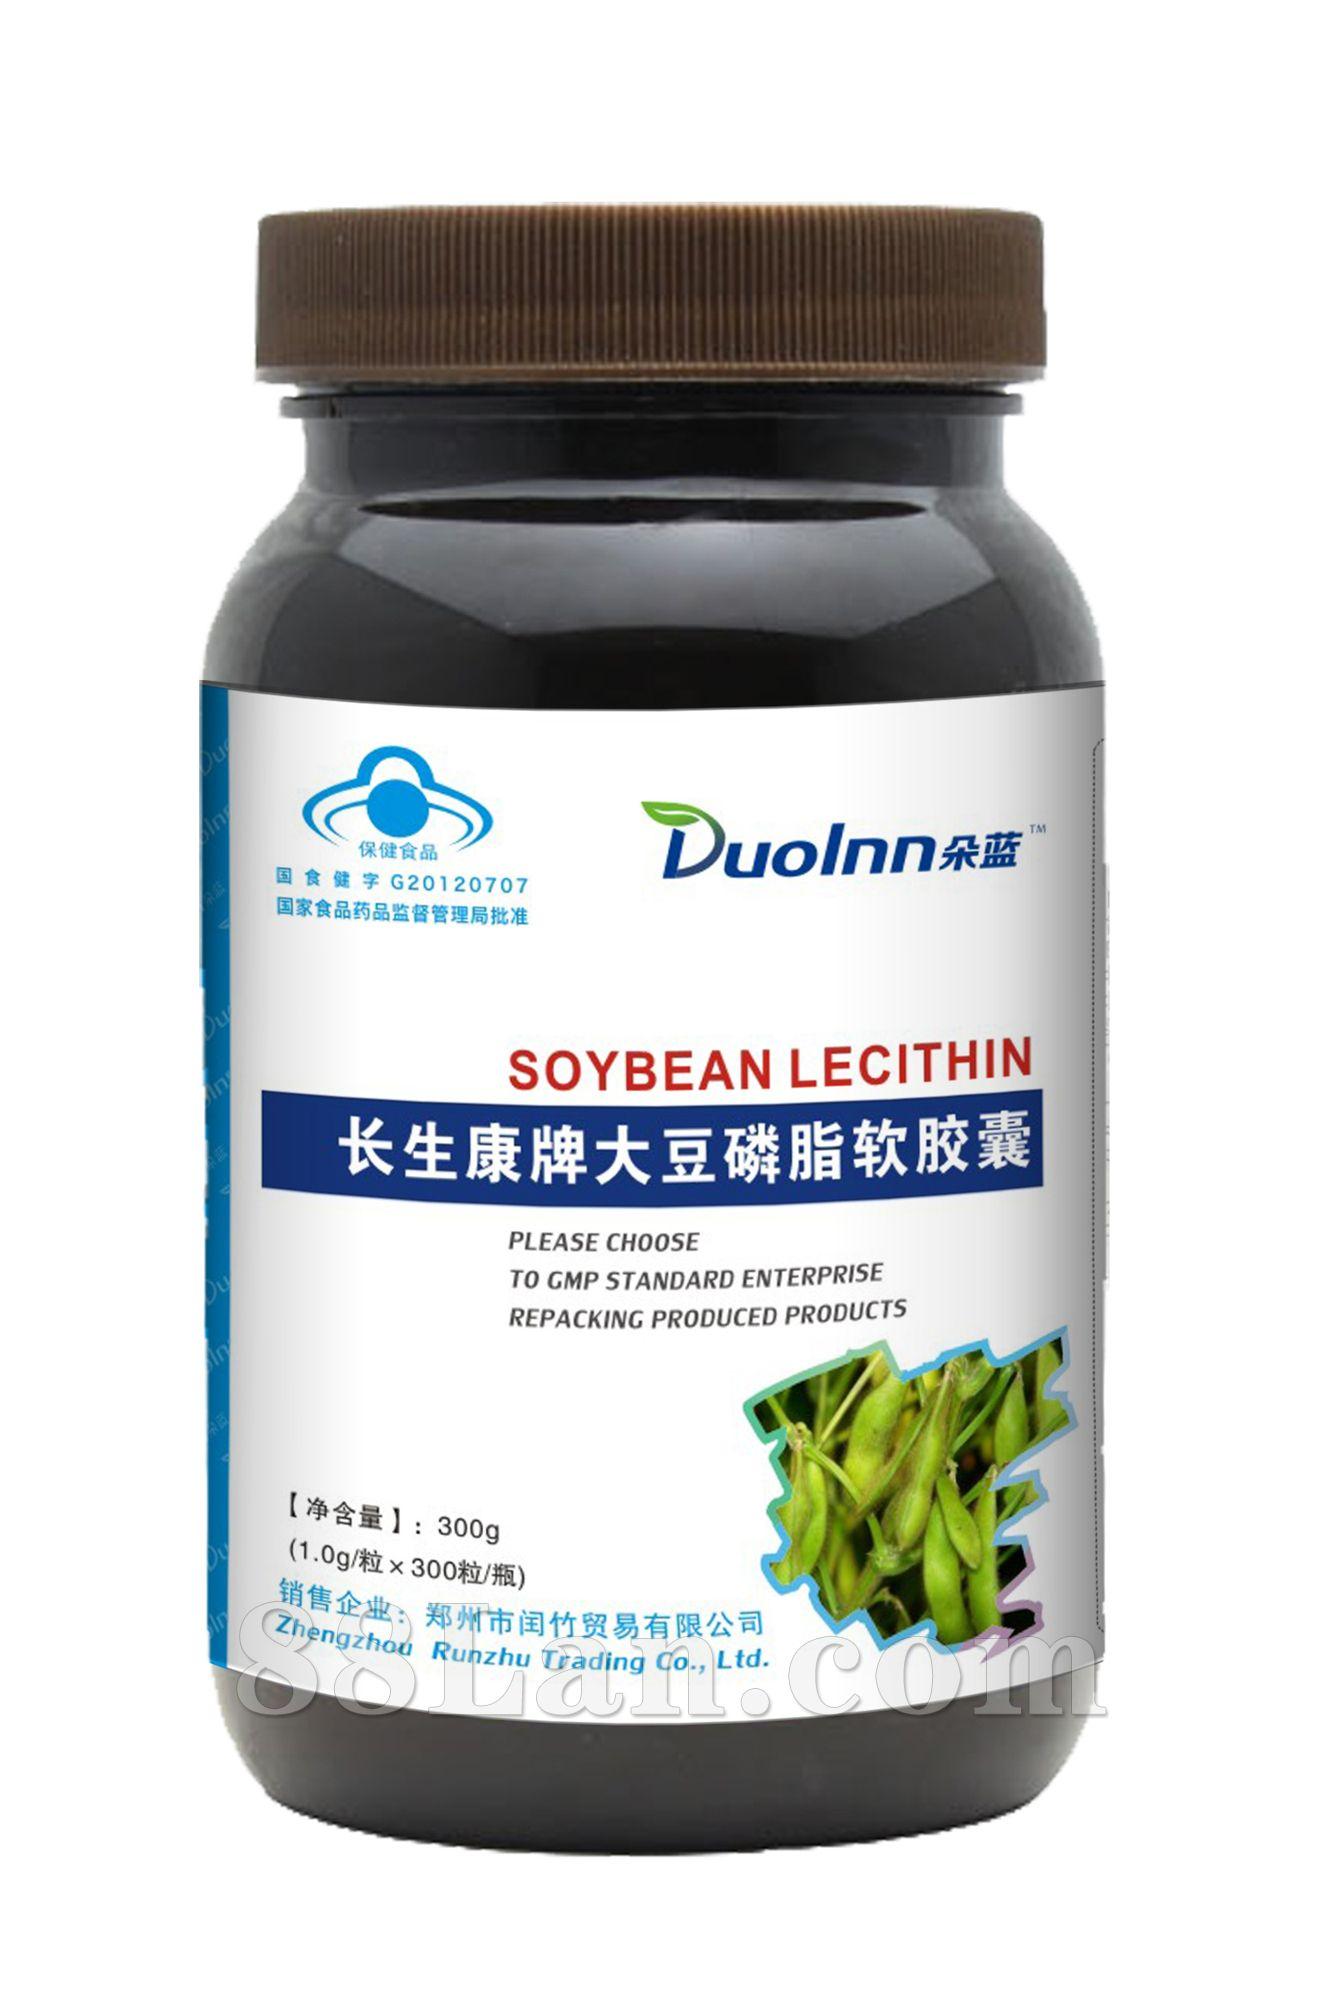 朵蓝系列 ― 长生康牌大豆磷脂软胶囊